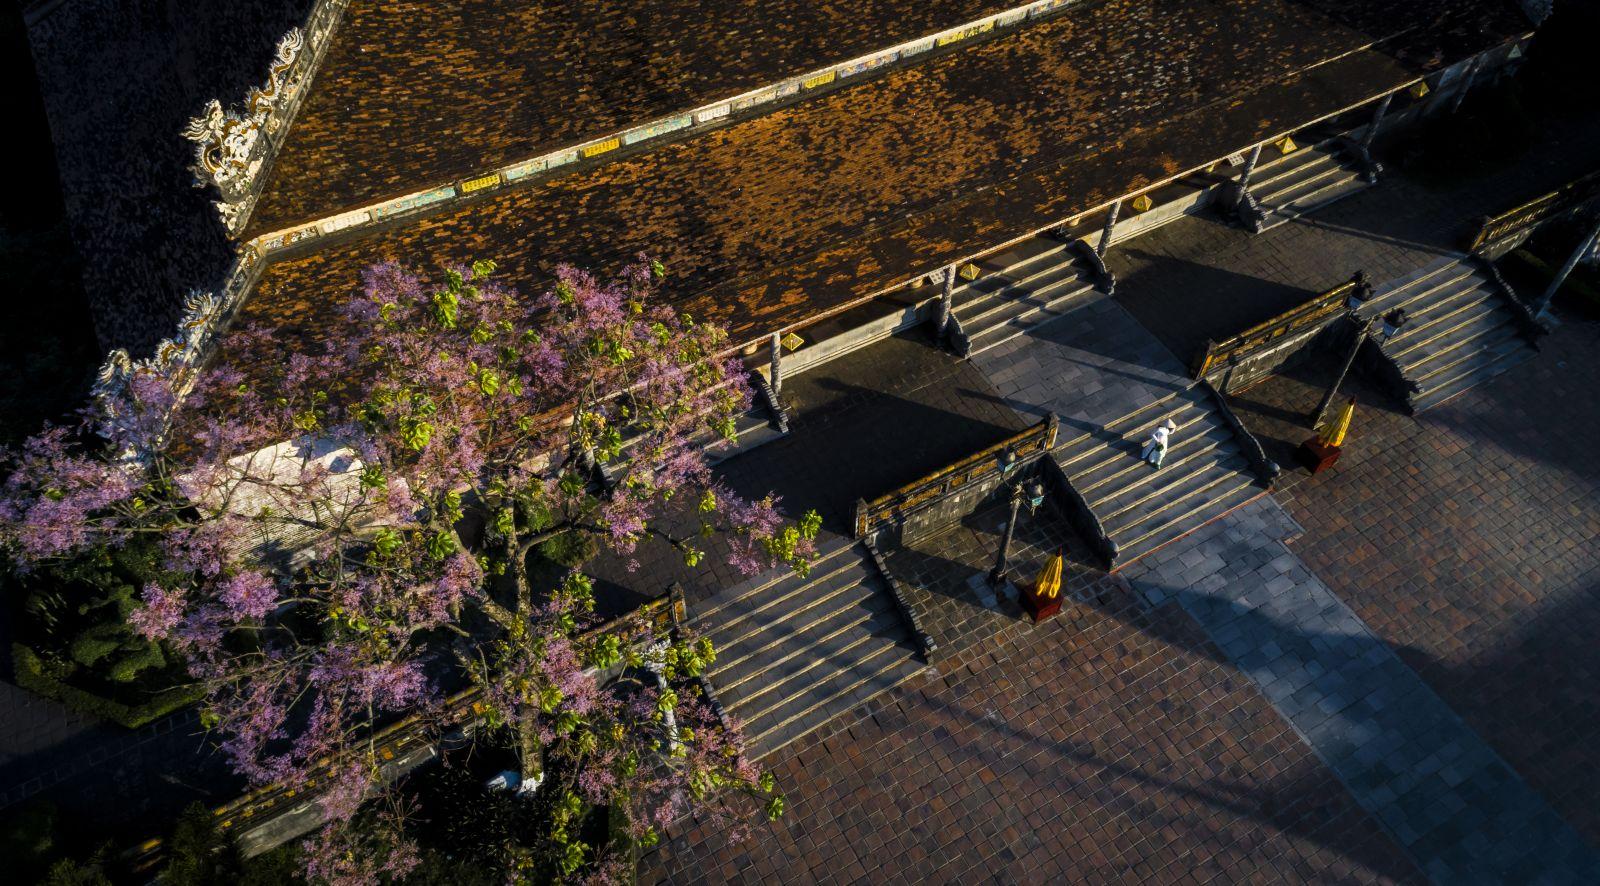 Mùa hoa Ngô Đồng gắn liền với di tích huế.